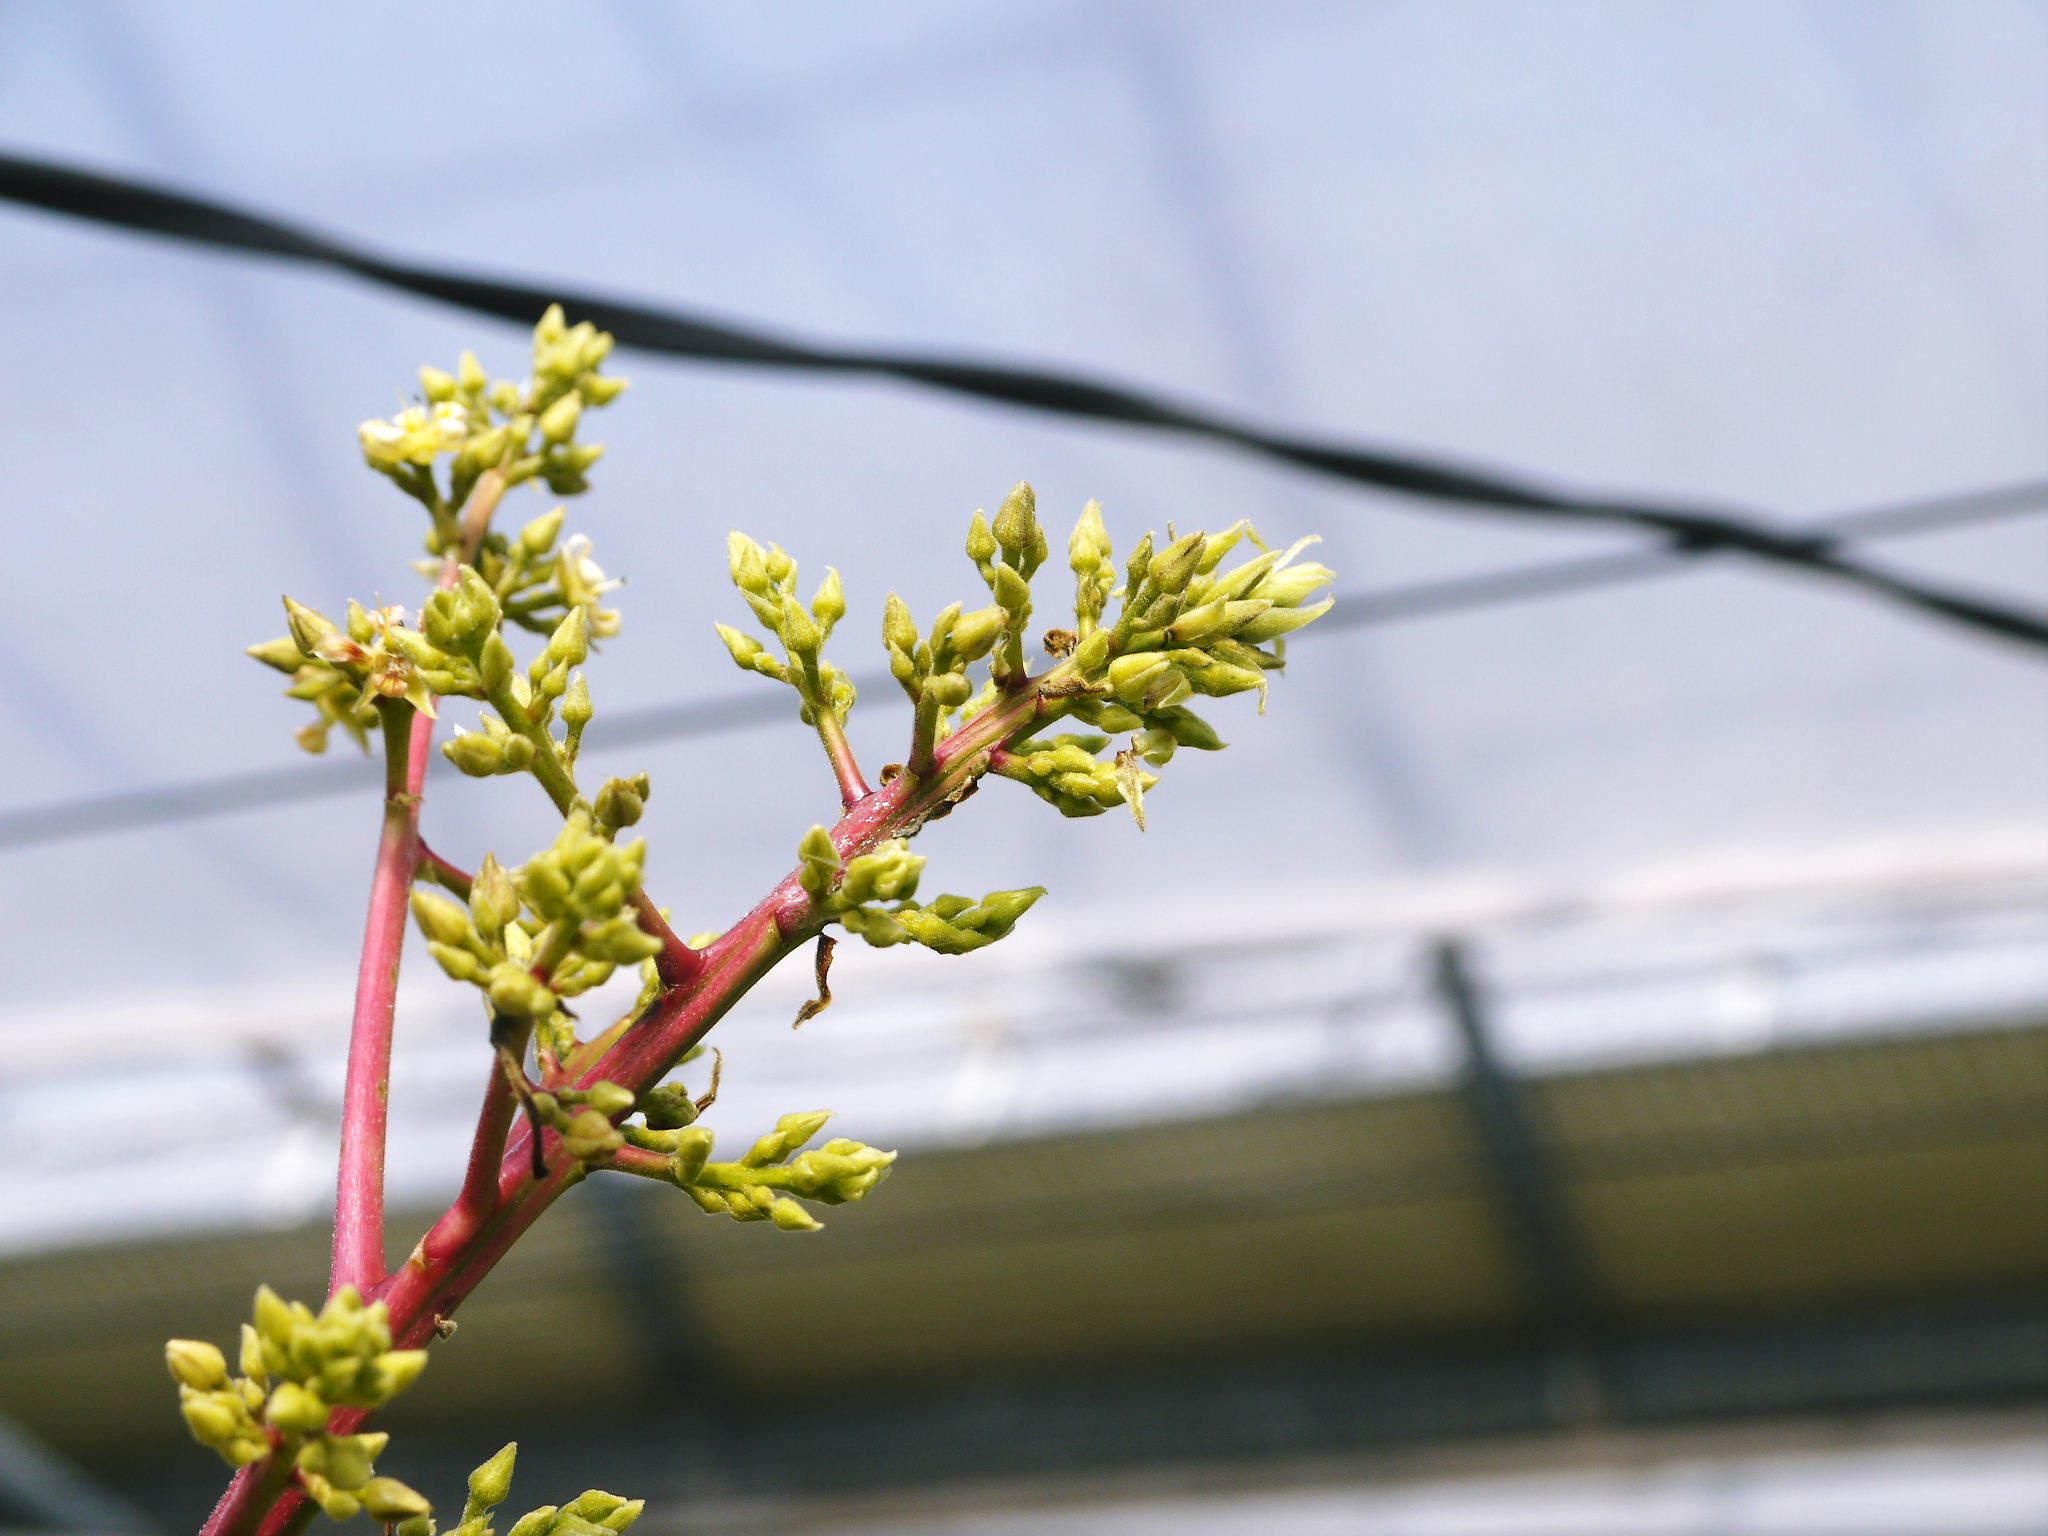 完熟アップルマンゴー マンゴーの花!25年目を迎える今年も惜しまぬ手間ひまで花芽を全て吊って育てます!_a0254656_18070130.jpg